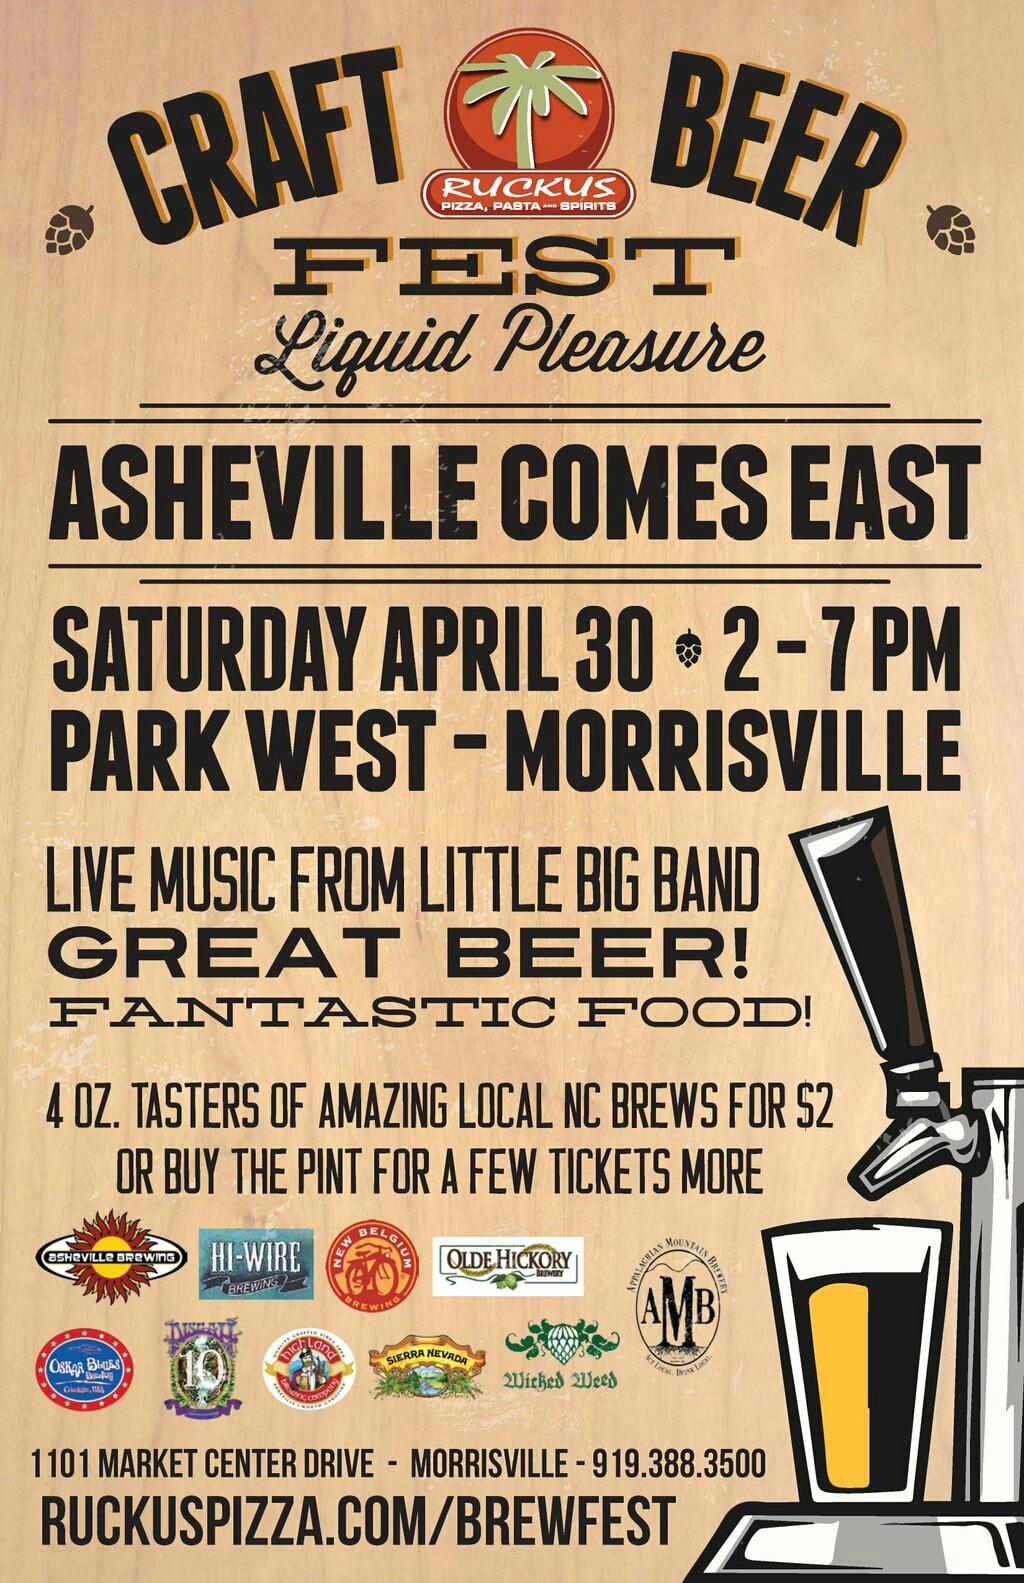 Asheville Comes East Craft Beer Fest